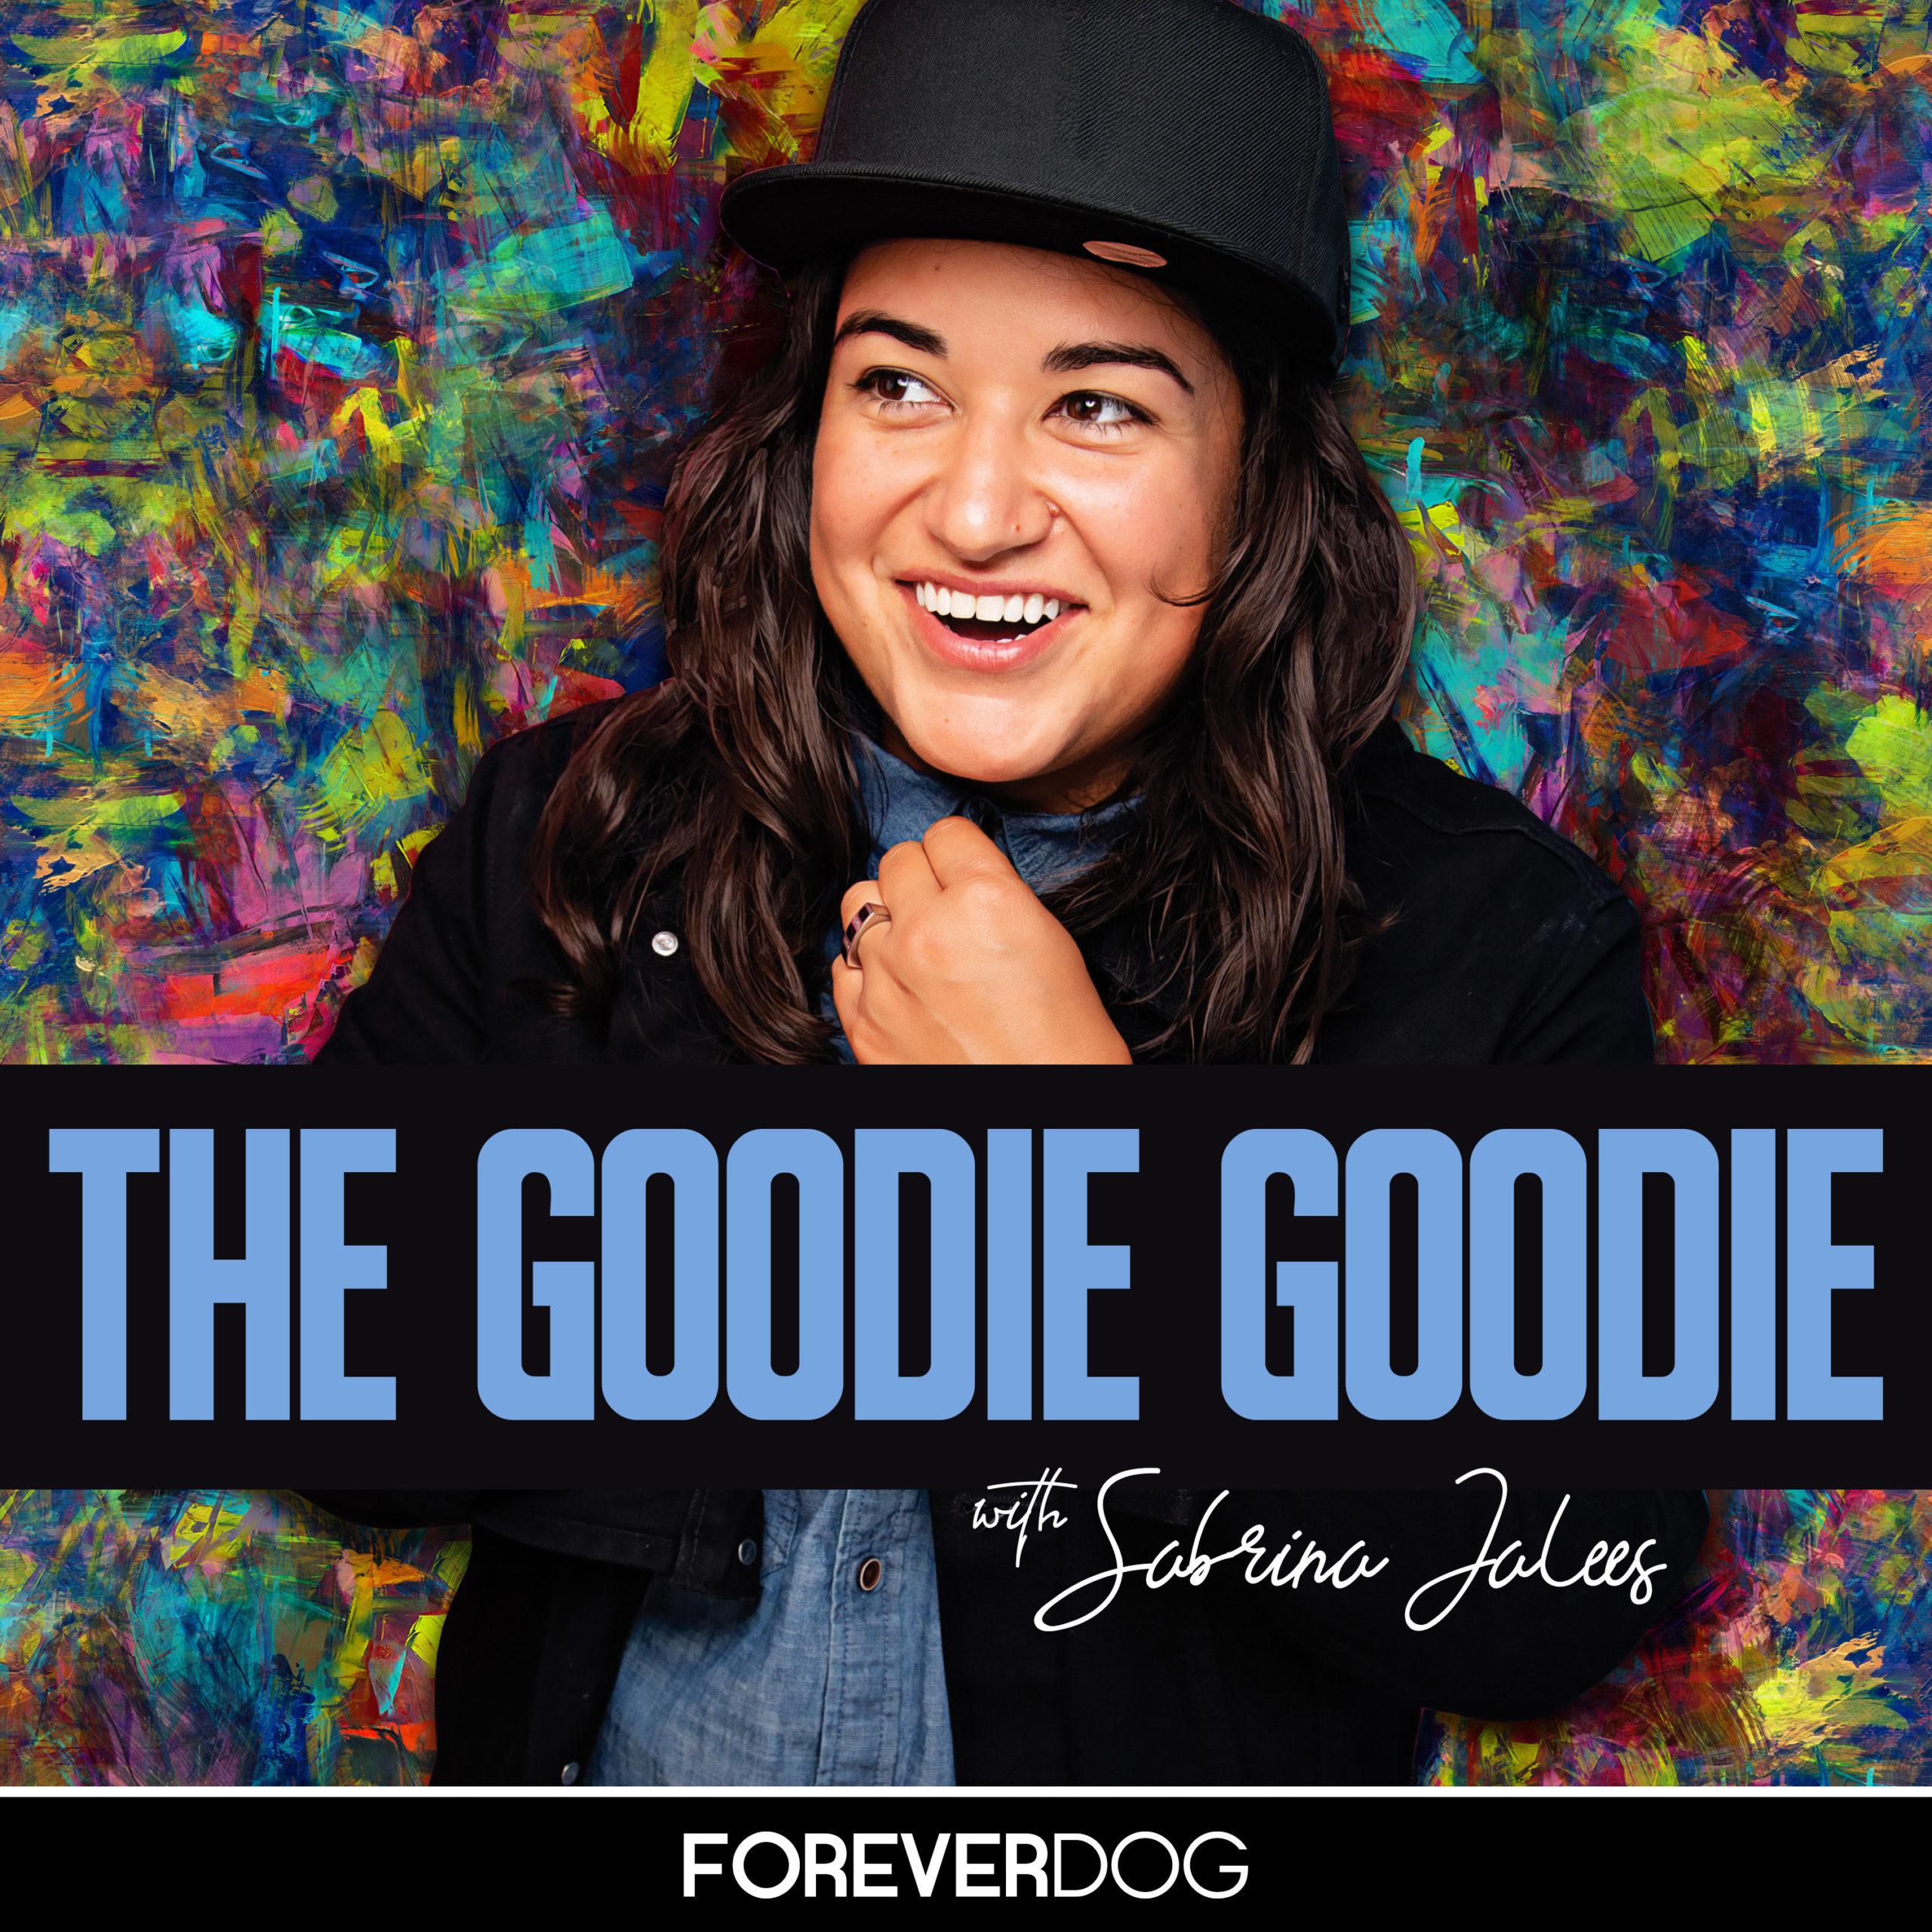 Sabrina Jalee's Goodie Goodie